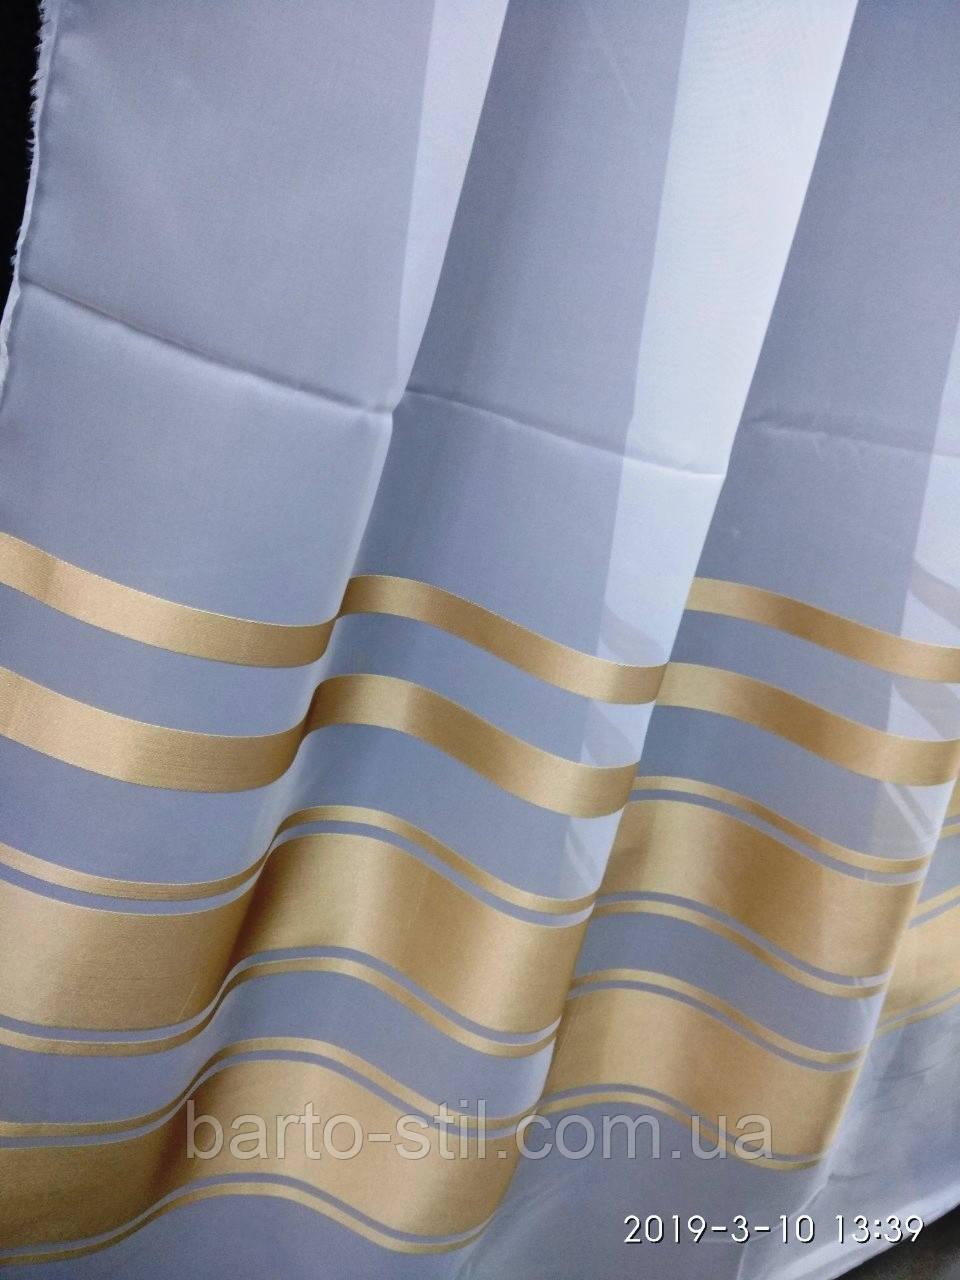 Молочная шифоновая тюль с атласными полосами по низу Высота 2.8 м На метраж и опт